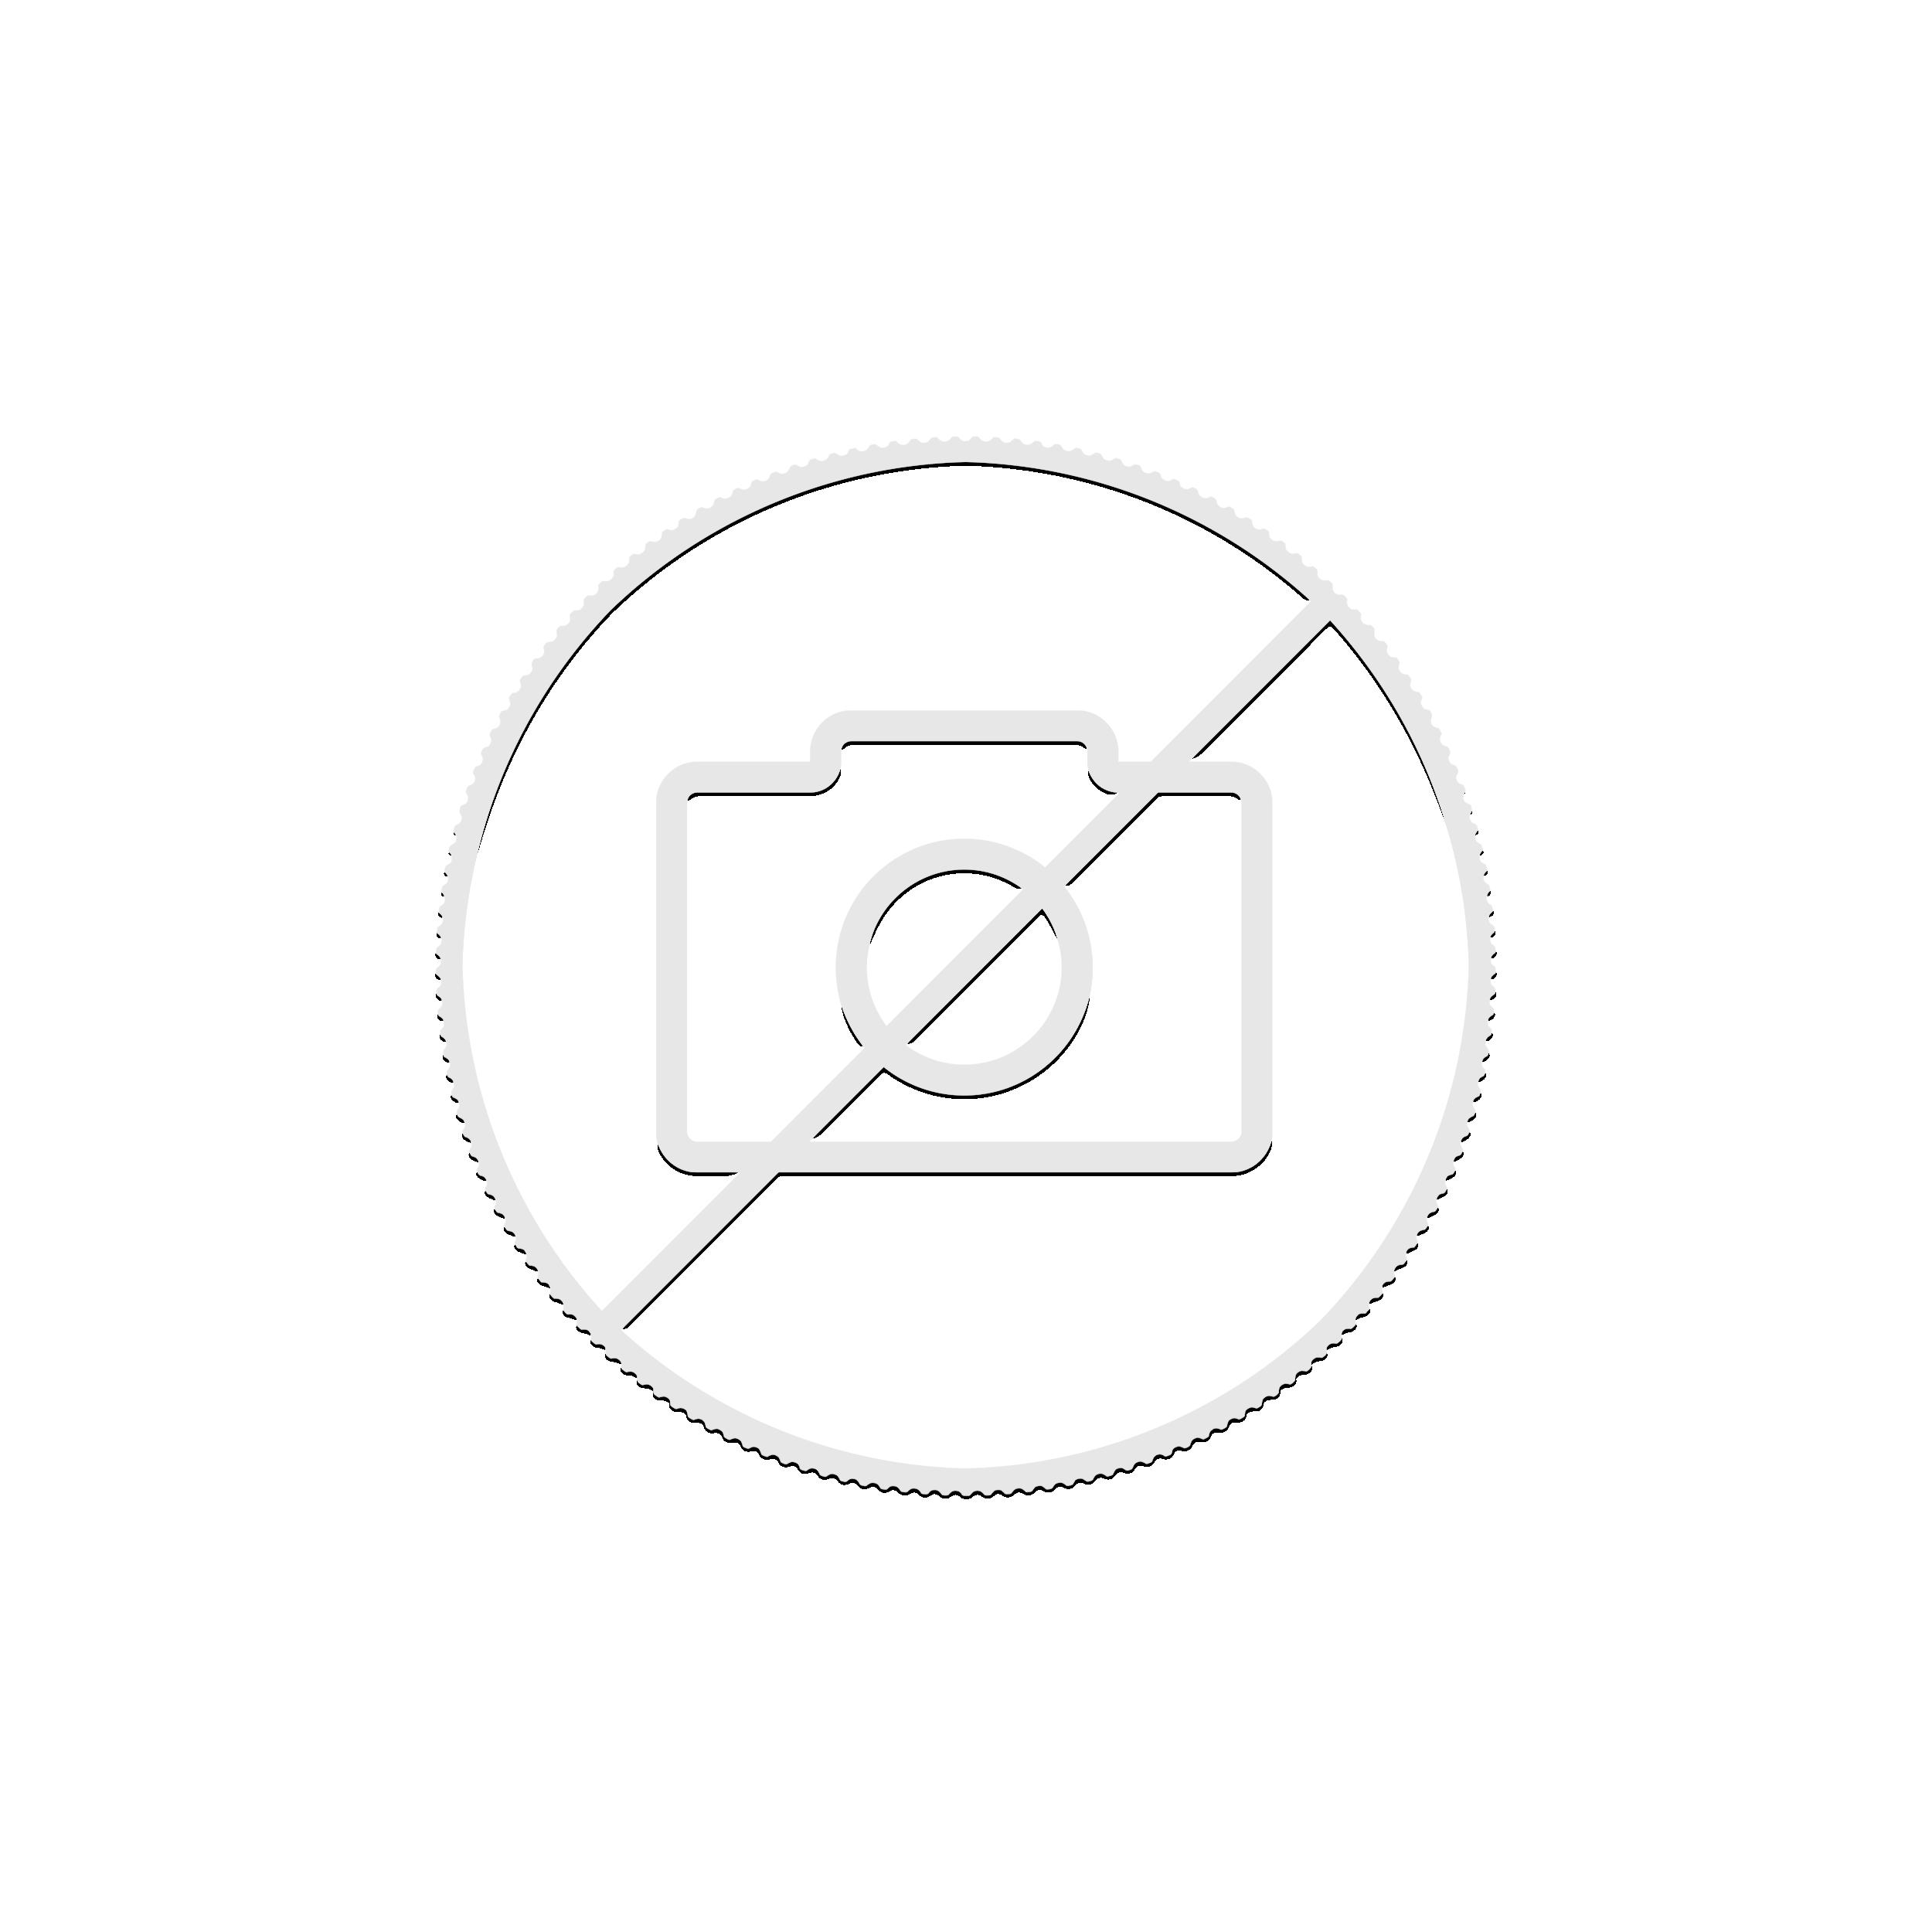 1 troy ounce zilver Philharmoniker munt - voorgaande jaargangen